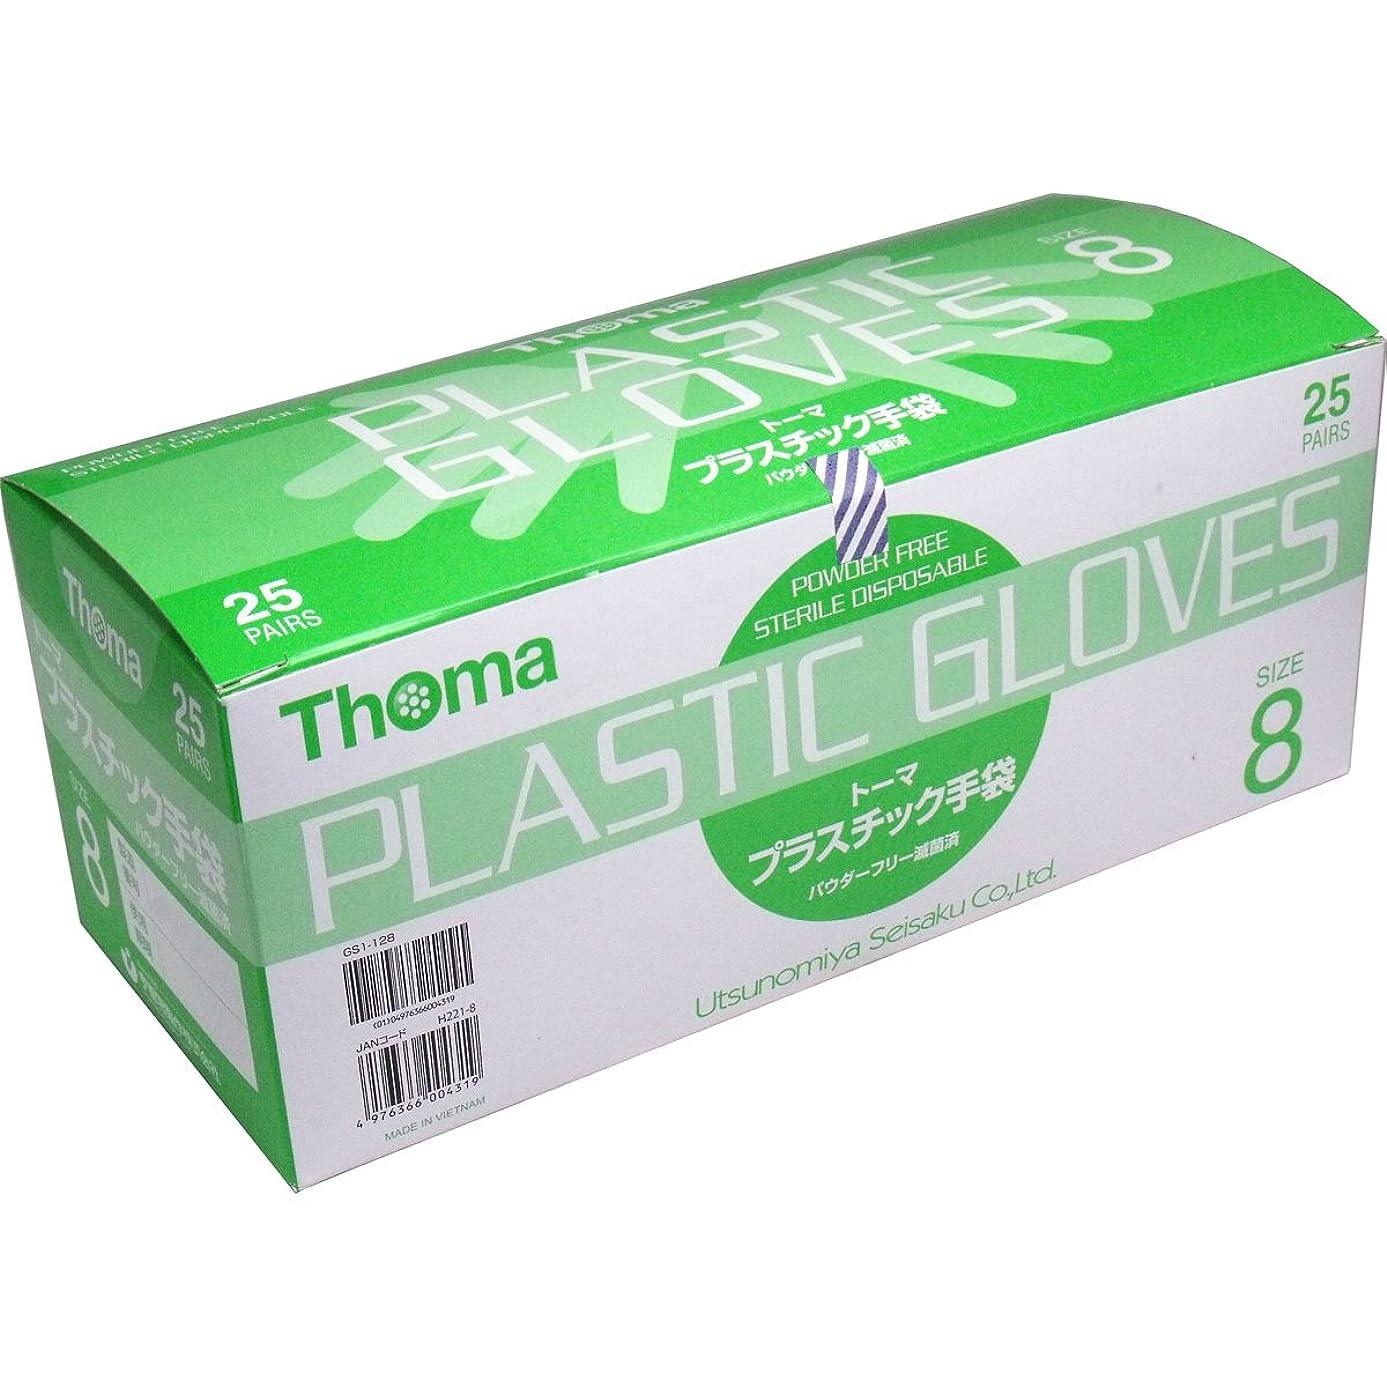 どうやってキッチンエアコンポリ塩化ビニル製 手袋 1双毎に滅菌包装、衛生的 人気商品 トーマ プラスチック手袋 パウダーフリー滅菌済 25双入 サイズ8【3個セット】